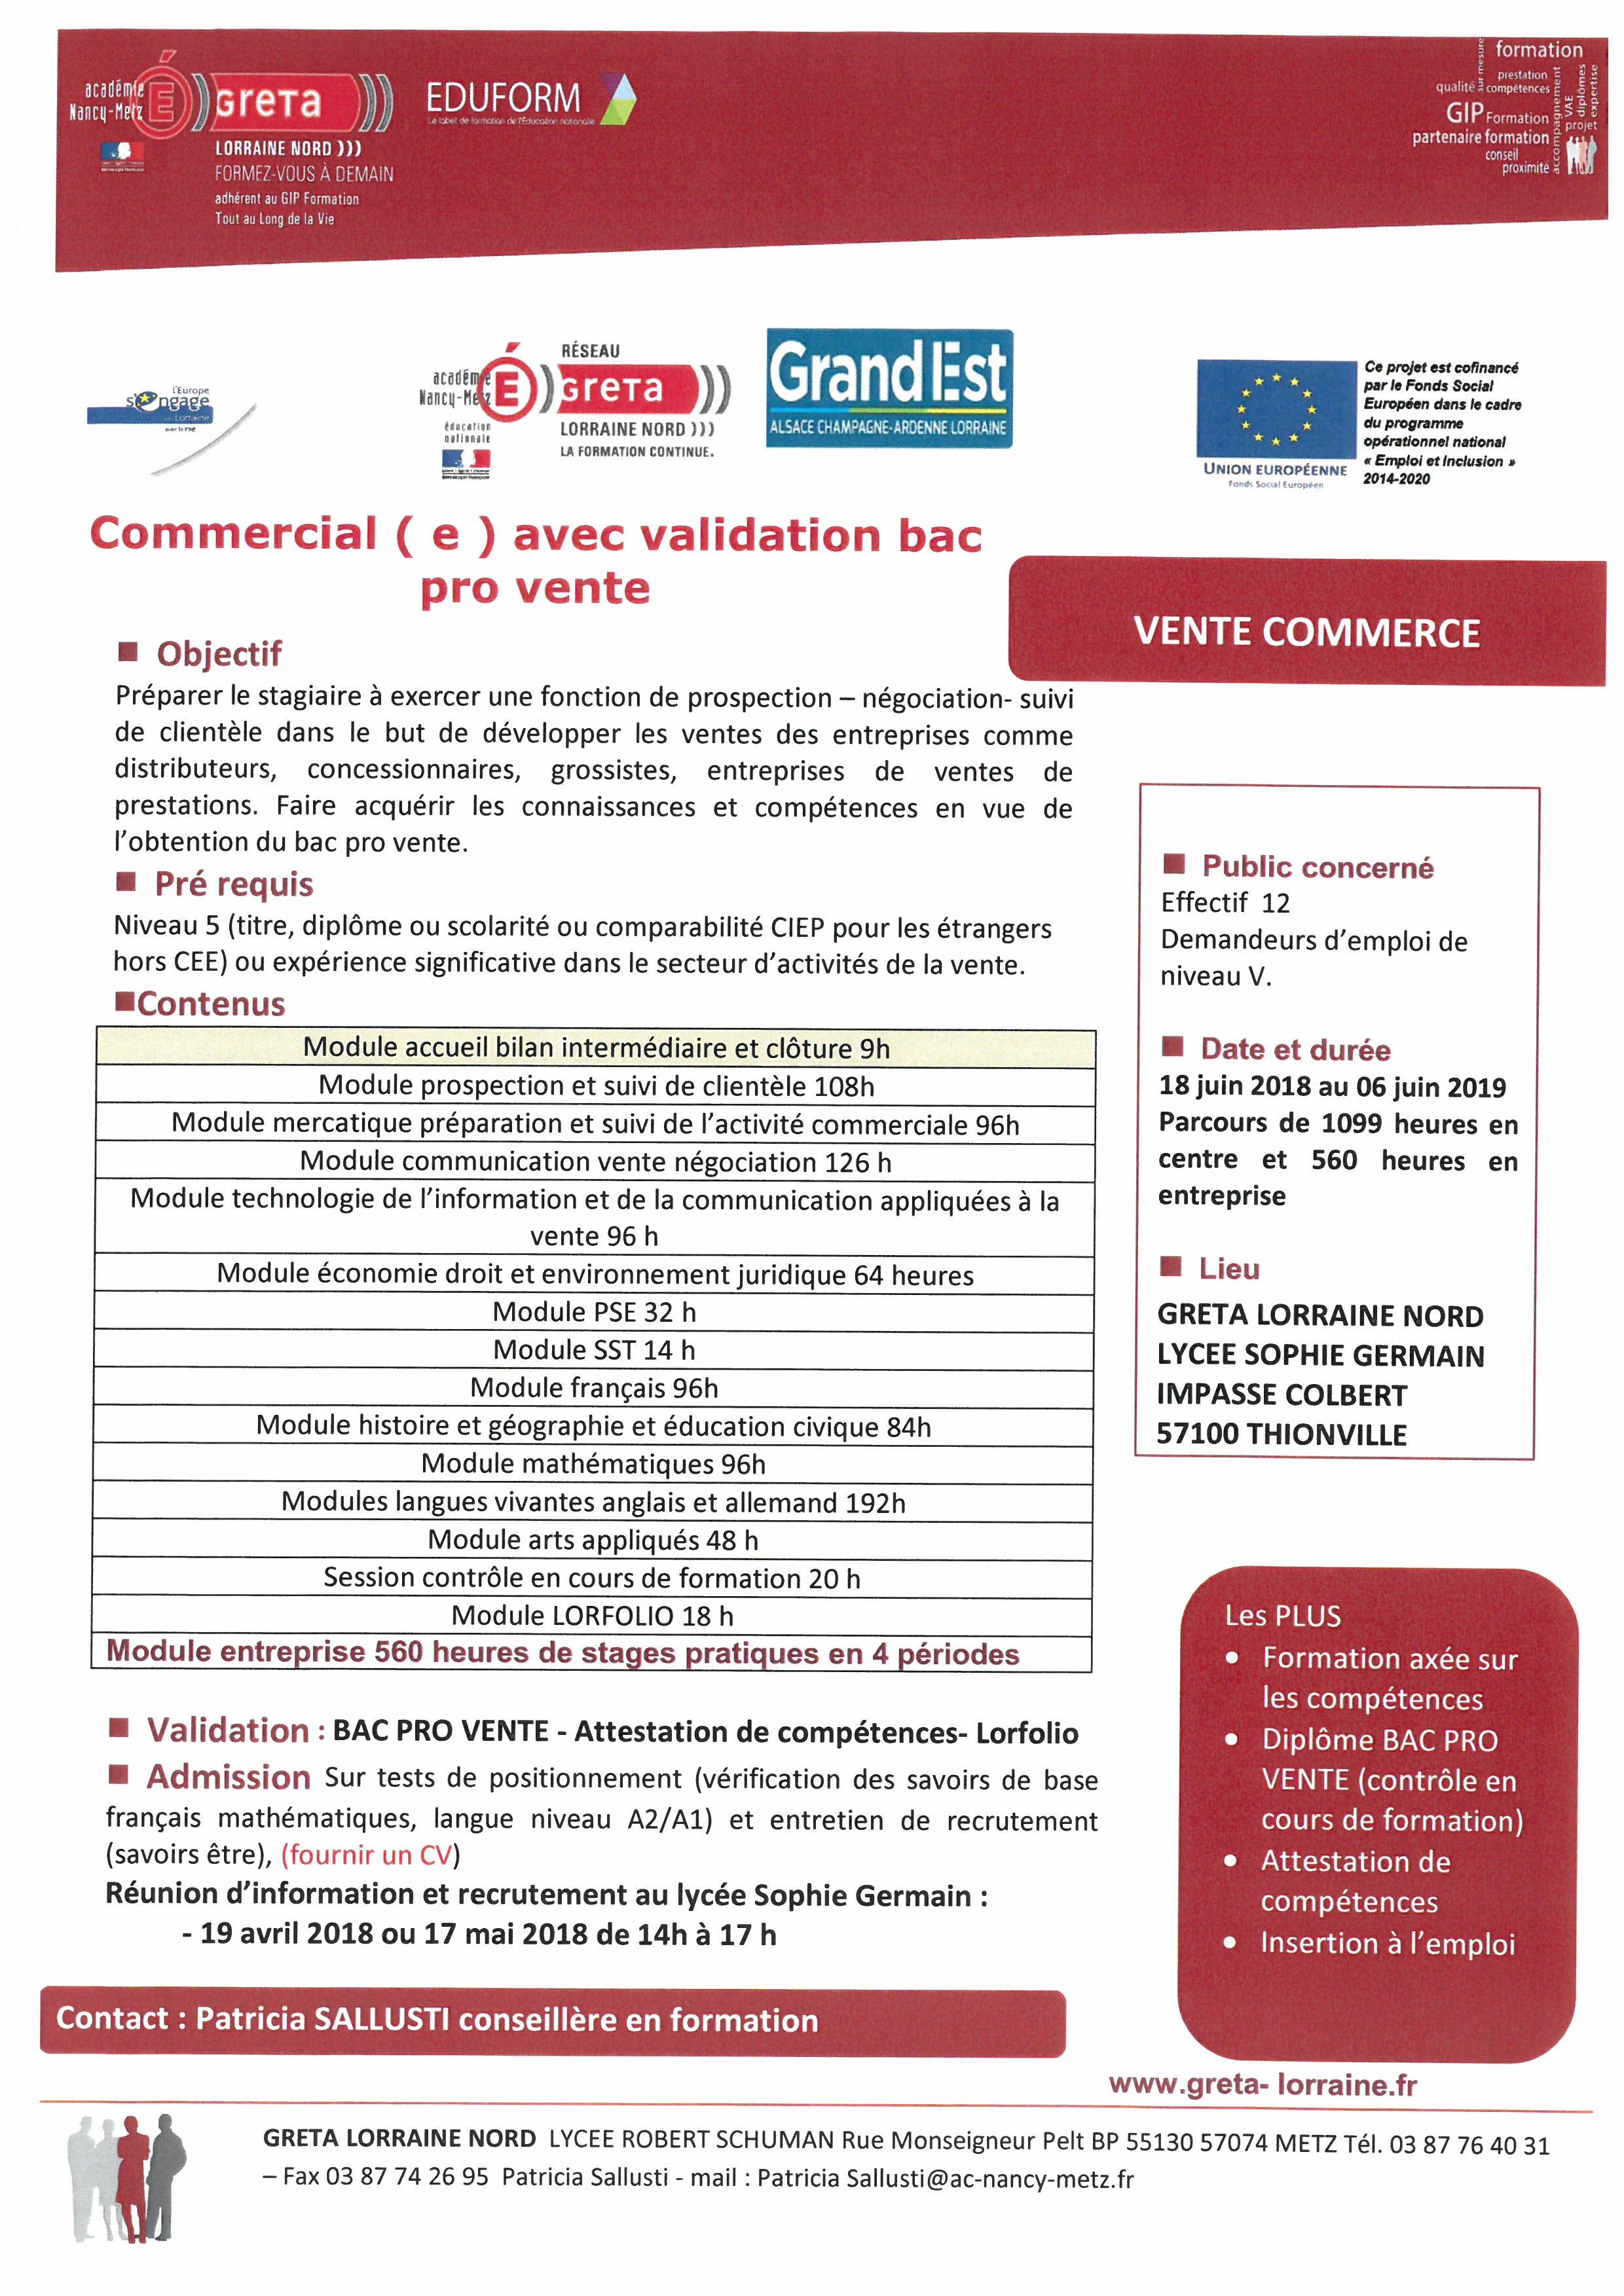 Formation Bac pro vente au Lycée Sophie Germain à Thionville